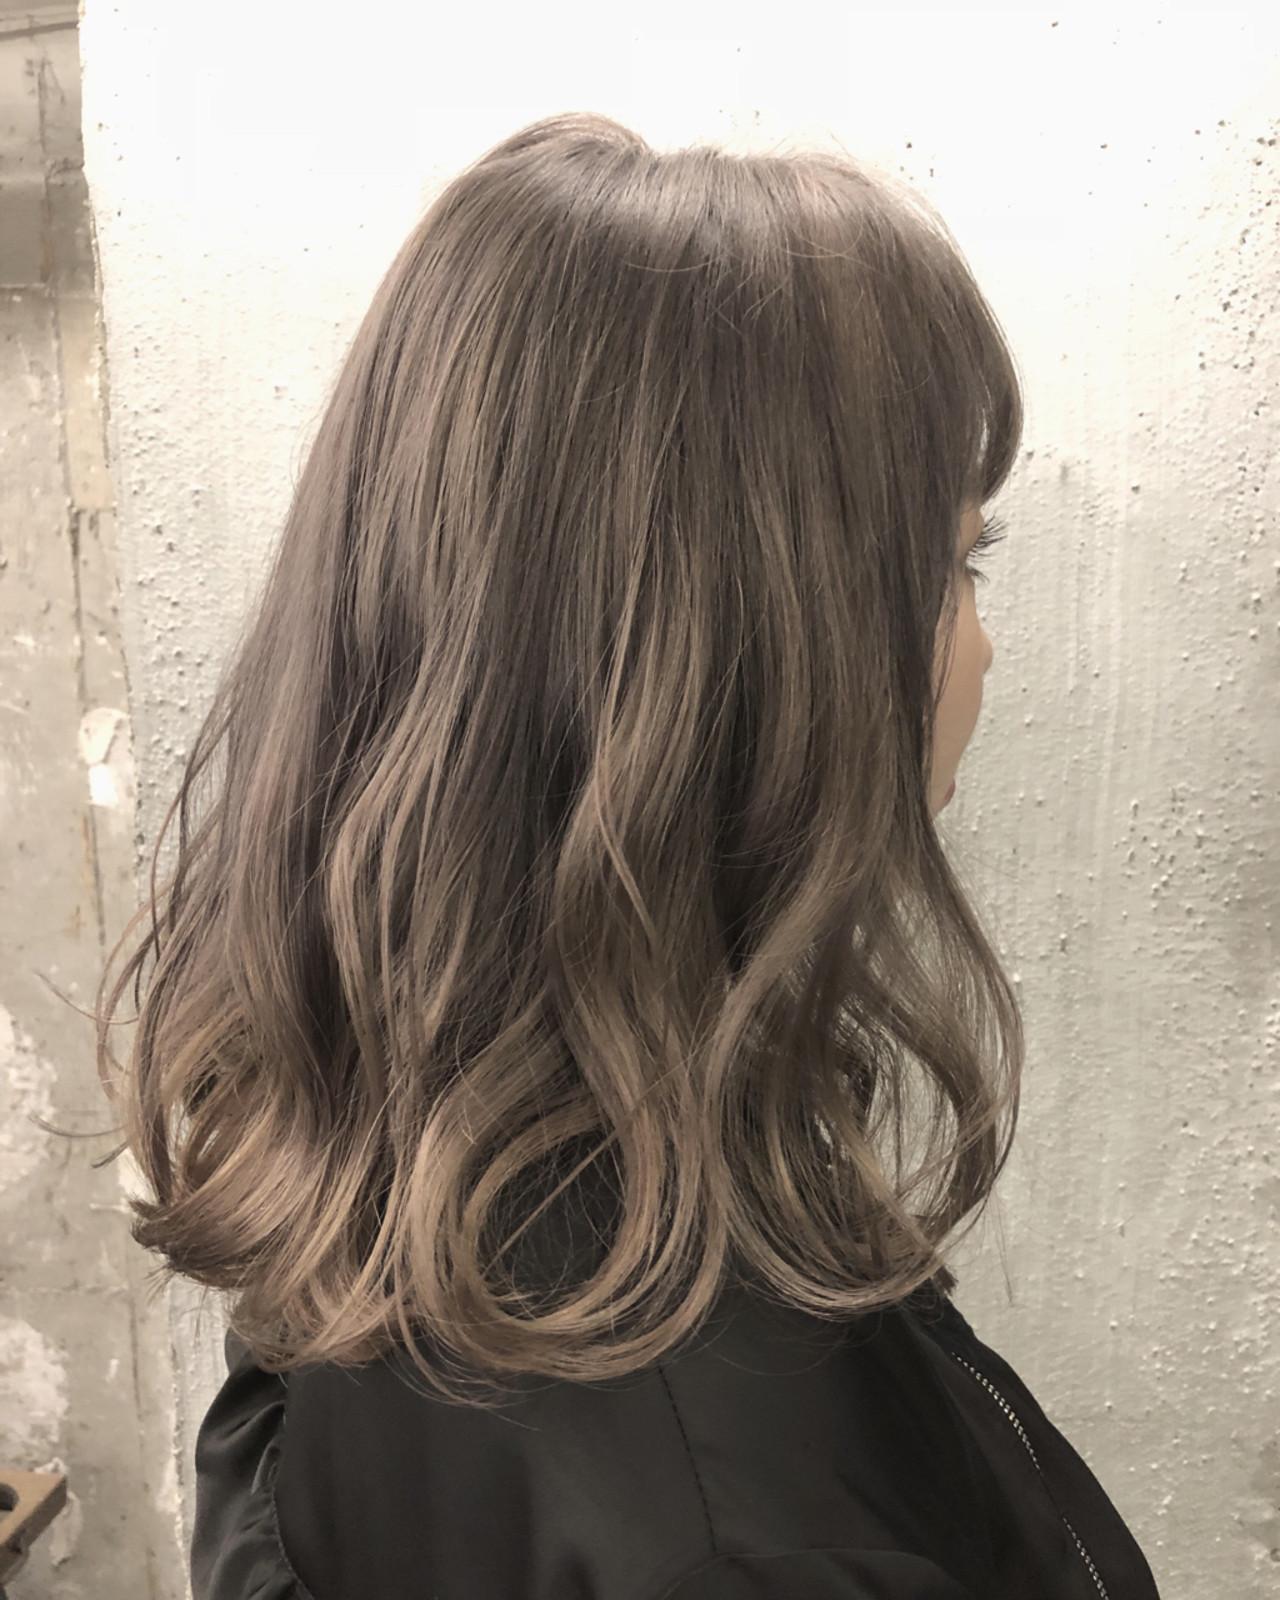 アッシュ ミルクティーベージュ グレージュ セミロング ヘアスタイルや髪型の写真・画像 | TAKE / AUBE hair KAI